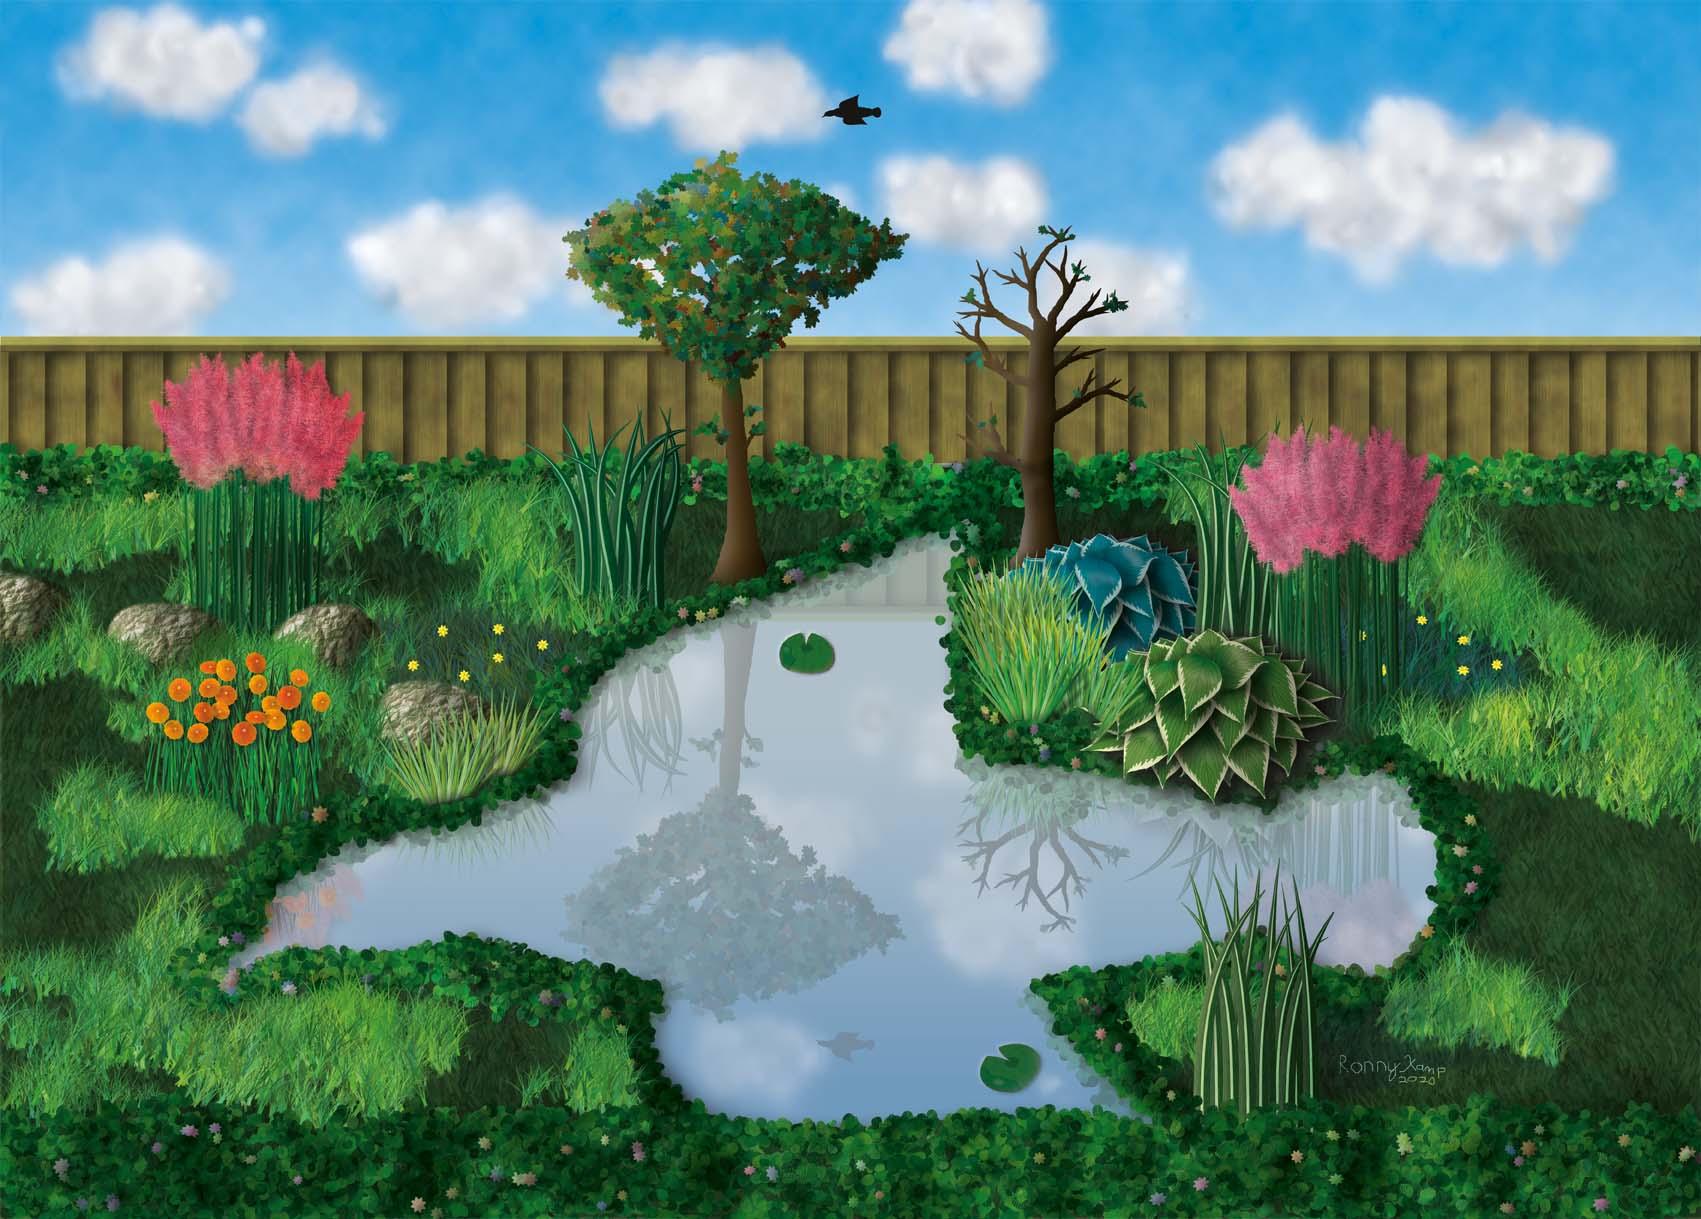 Bomen en planten reflecteren in een vijver, die dezelfde vorm heeft als de vogel in de lucht. Invloeden uit de na�eve kunststroming zijn duidelijk zichtbaar.